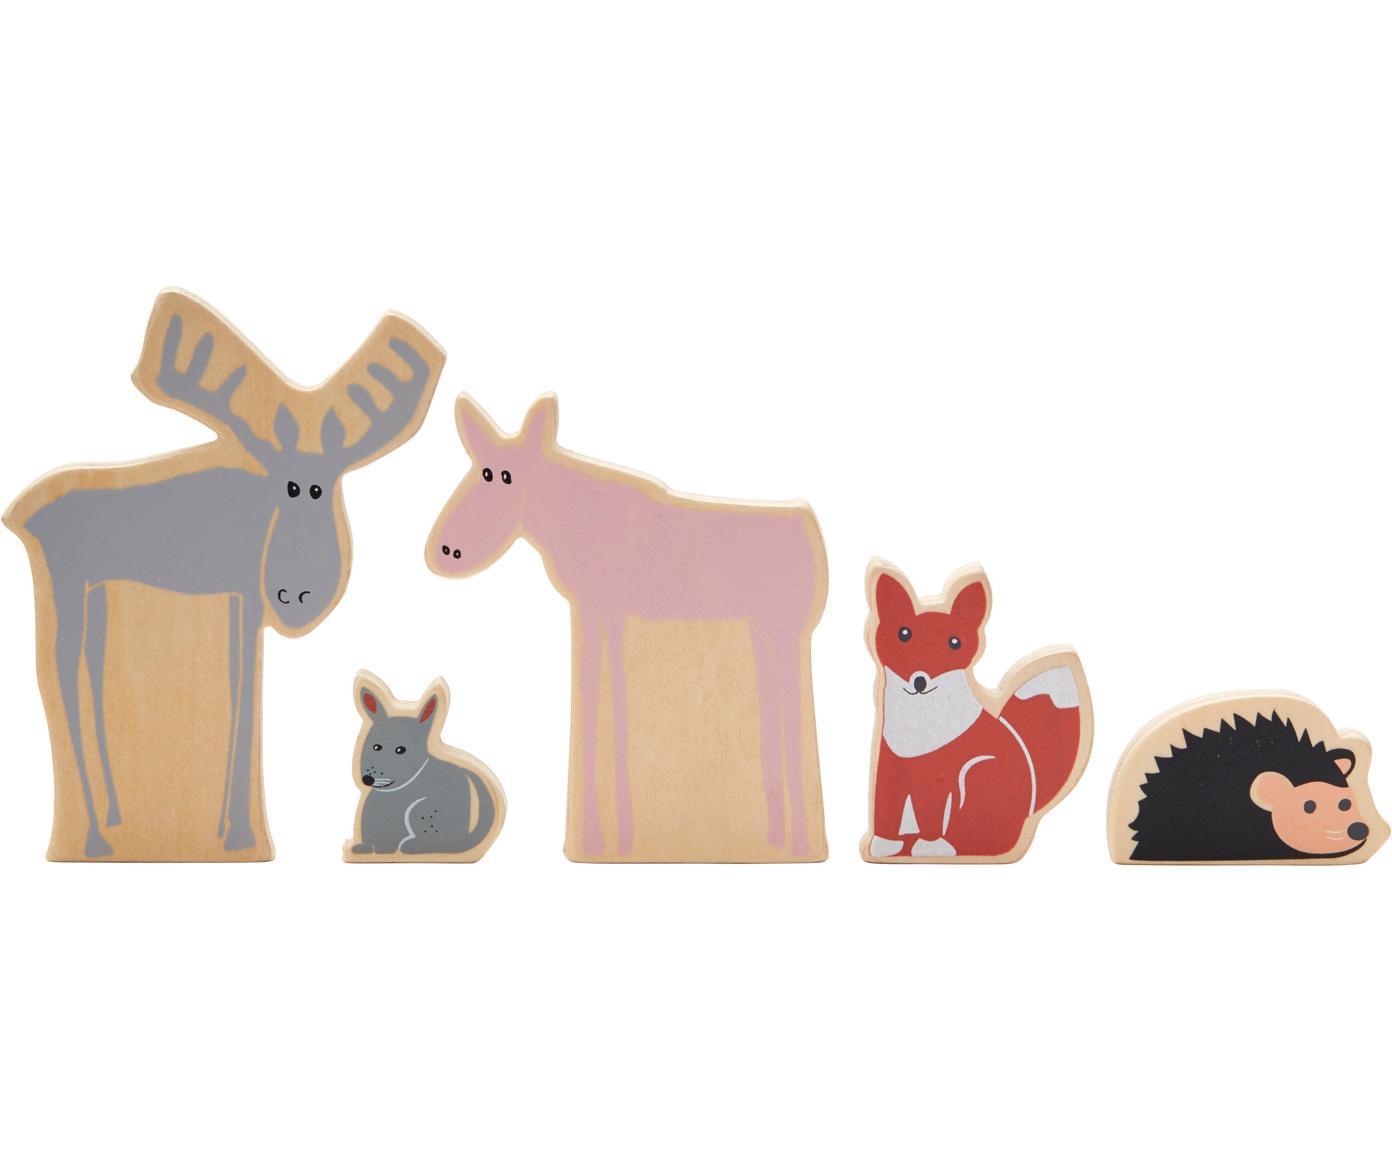 Spielzeug-Set Boni, 5-tlg., Holz, Mehrfarbig, Verschiedene Grössen